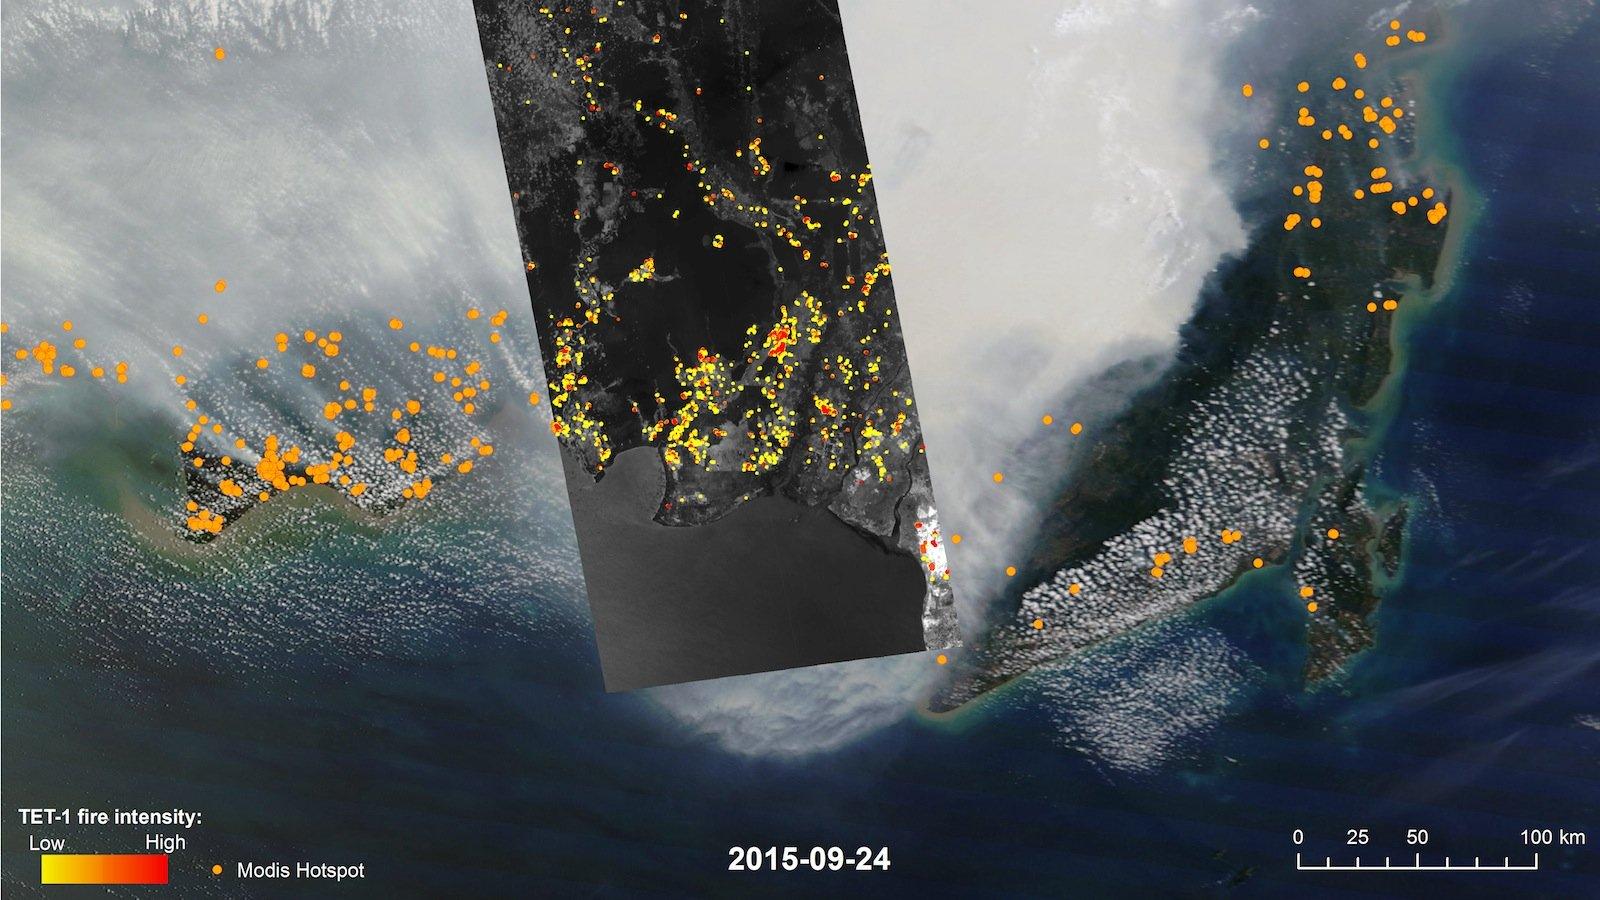 Die Bilder, die TET von irdischen Großbränden festhält, sind weitaus klarer als die der US-Kamera Modes. Das Bild zeigt deren Bilder (Streifen links und rechts) im Vergleich zu einer TET-Aufnahme (mittlerer Streifen).